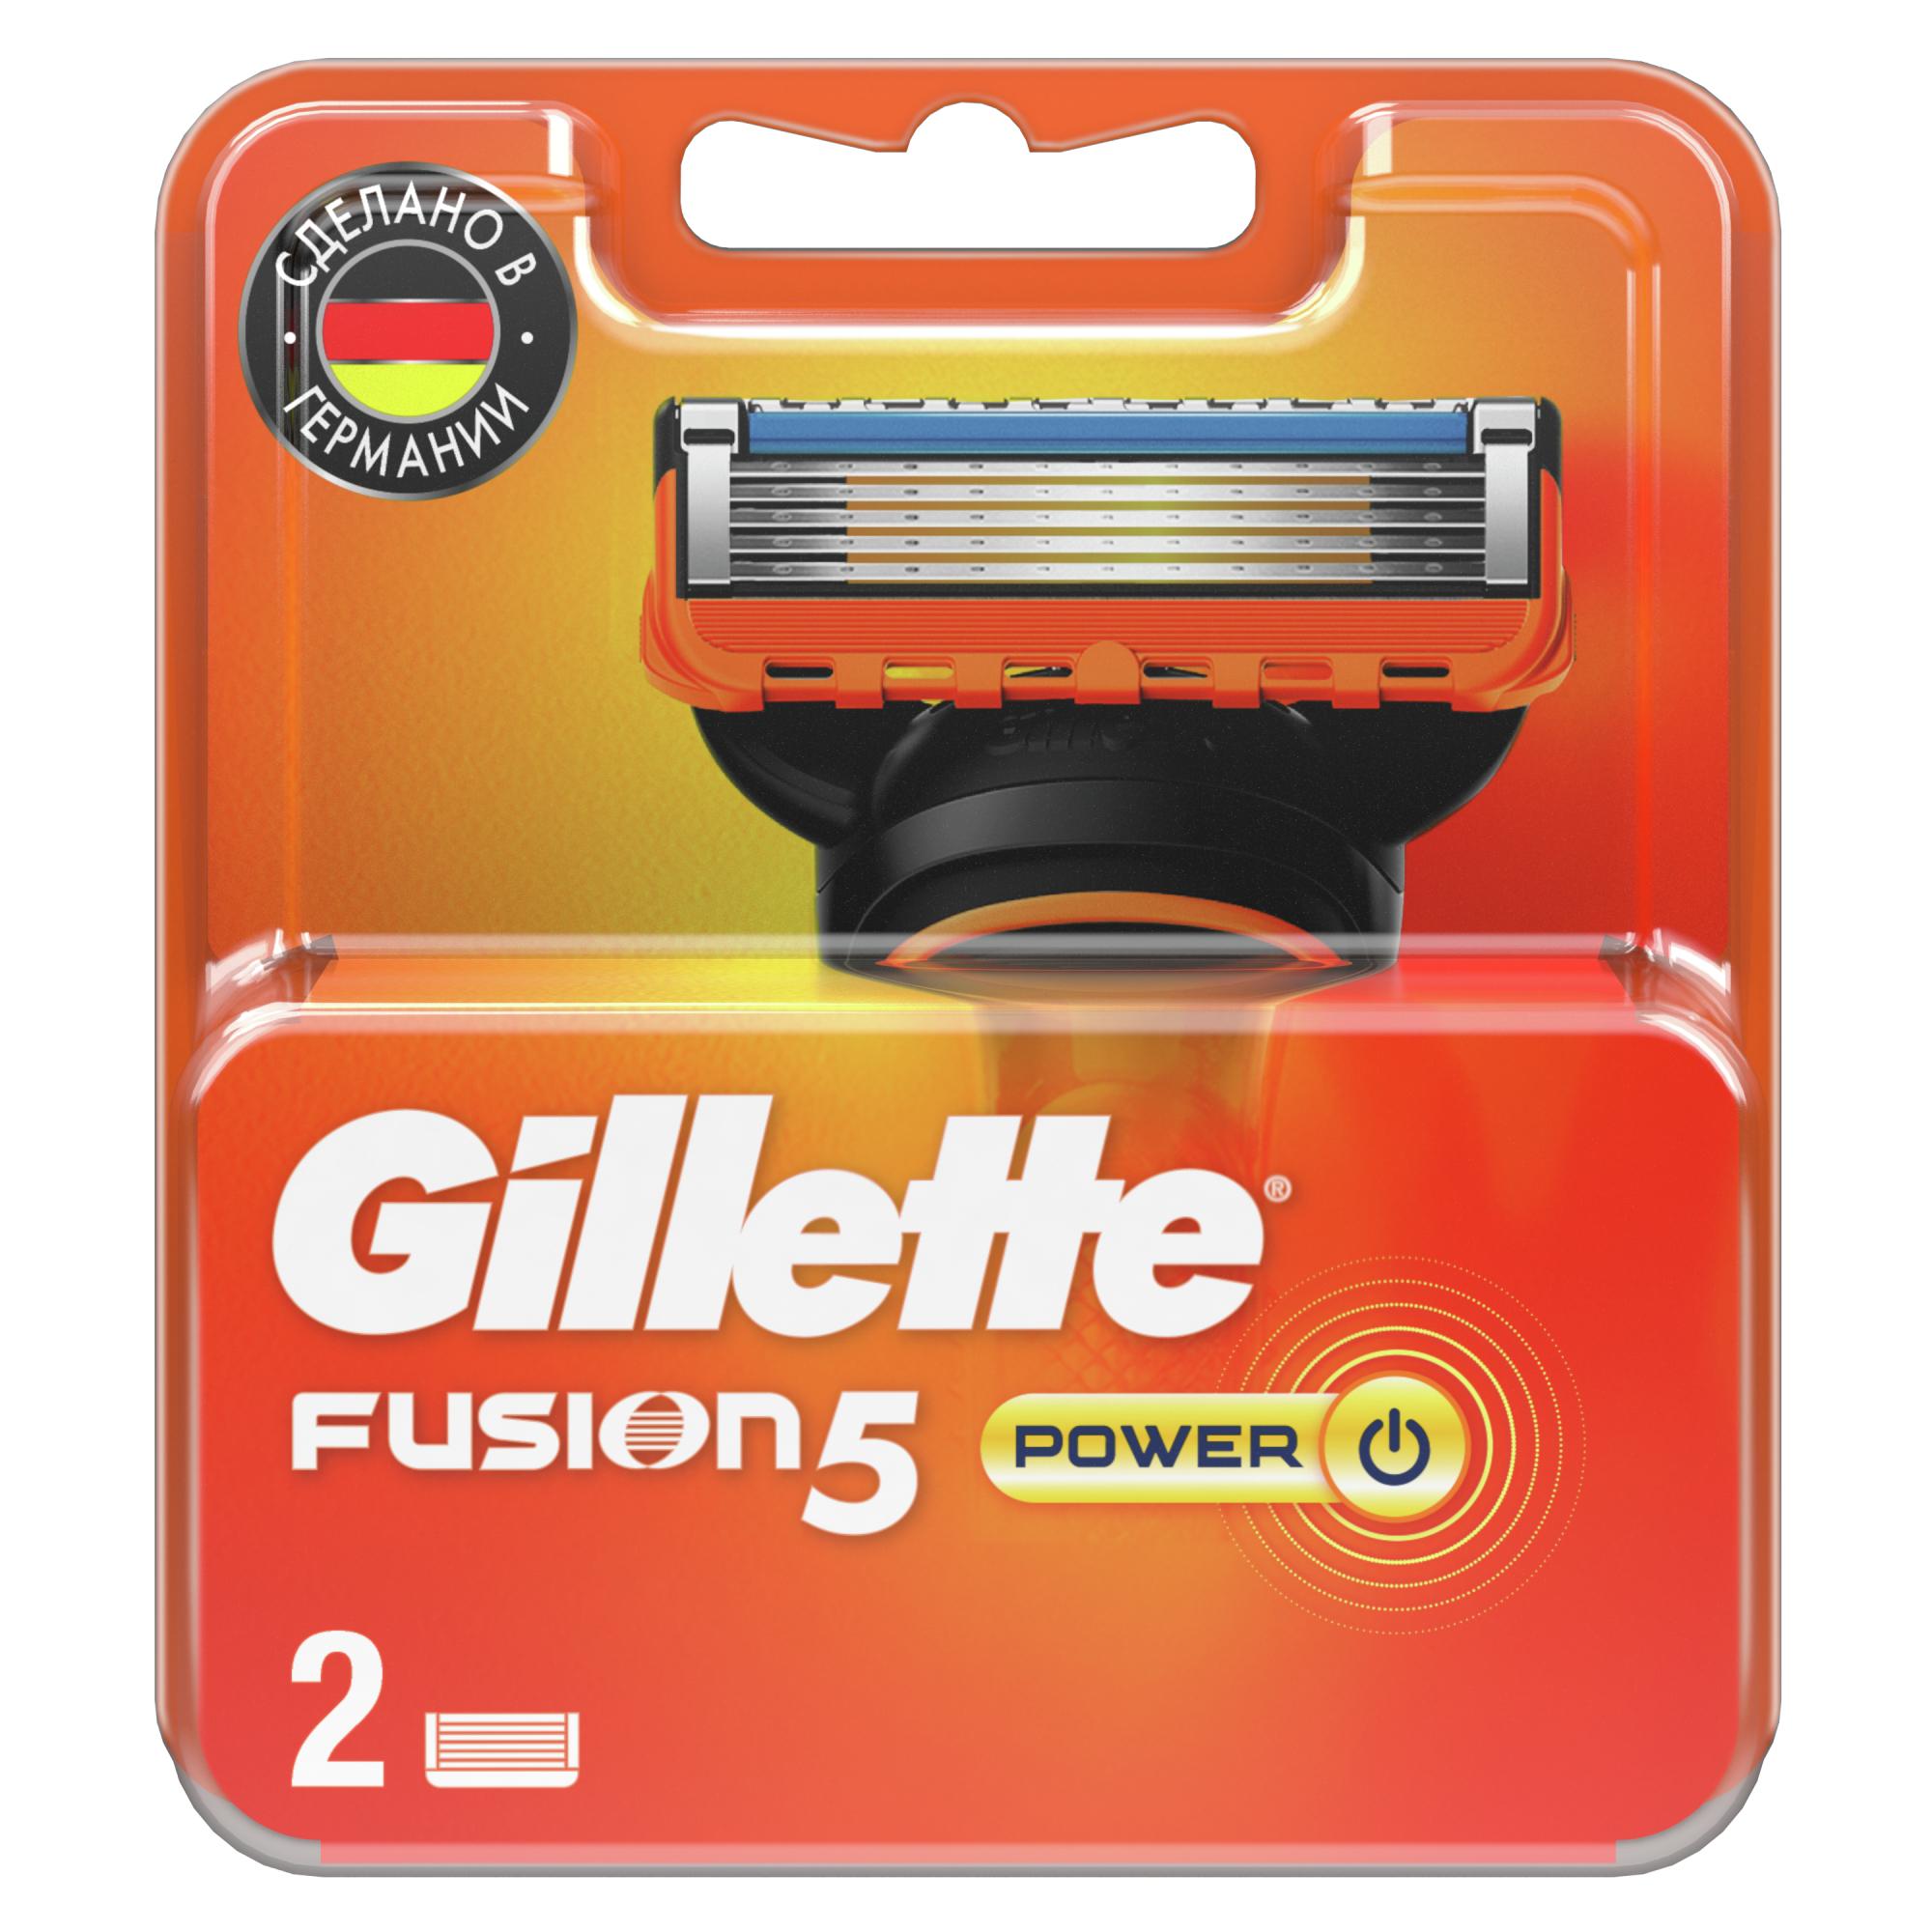 Сменные кассеты для станка Gillette Fusion Power 2 шт. кассеты для станка gillette fusion 8шт